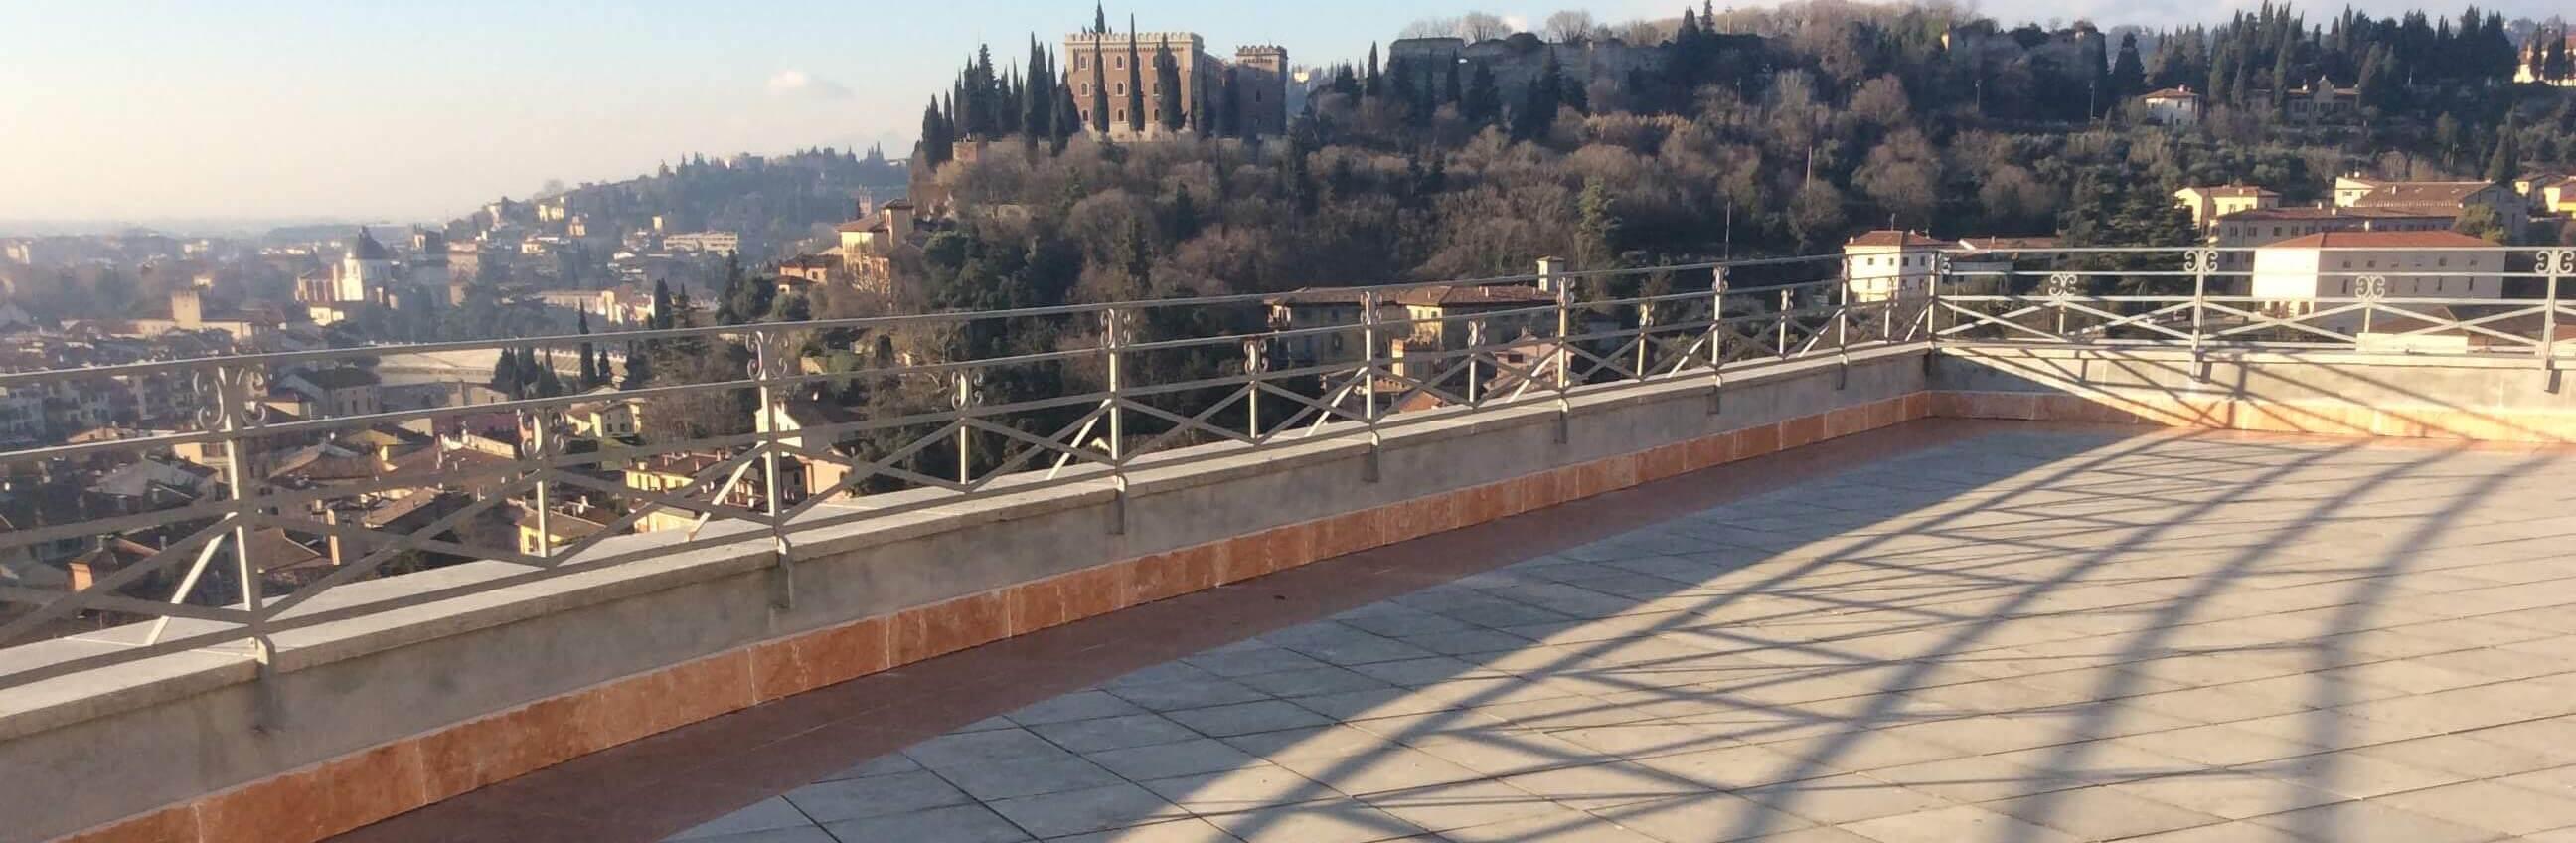 terrazza panoramica con pavimentazione galleggiante